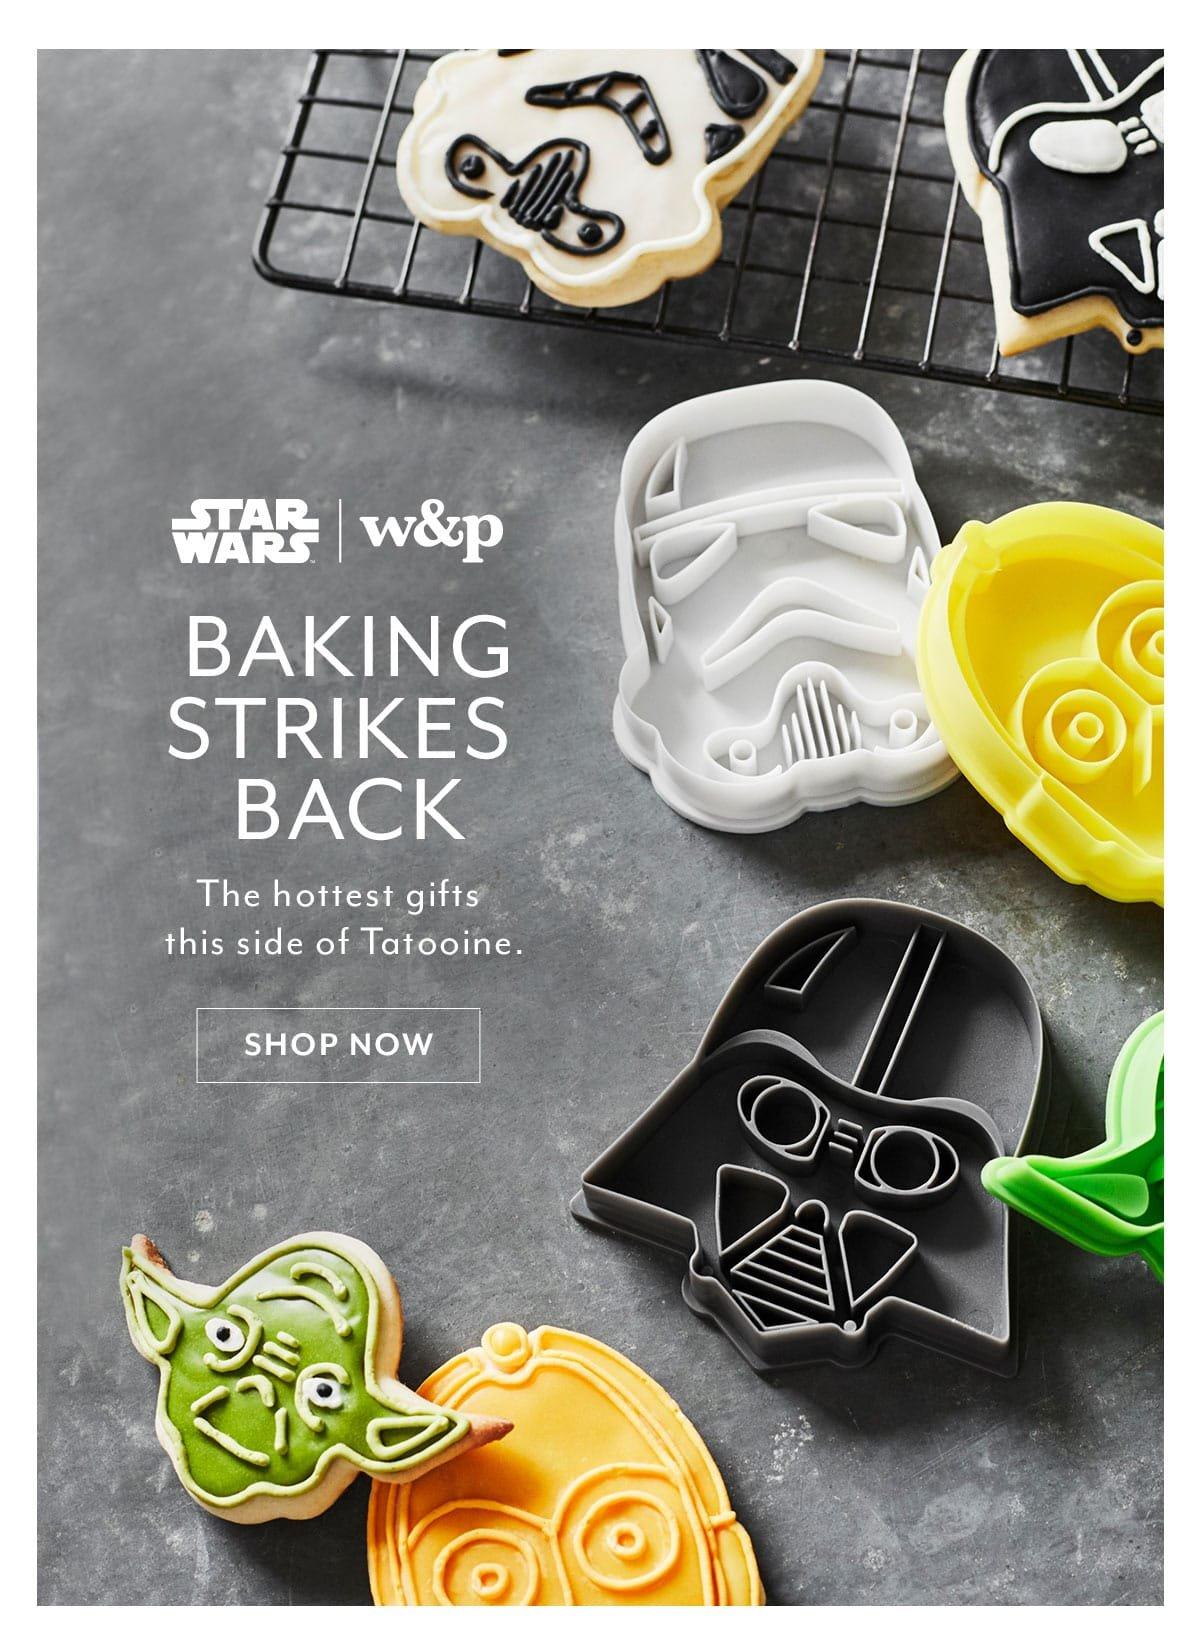 Star Wars - Baking Strikes Back